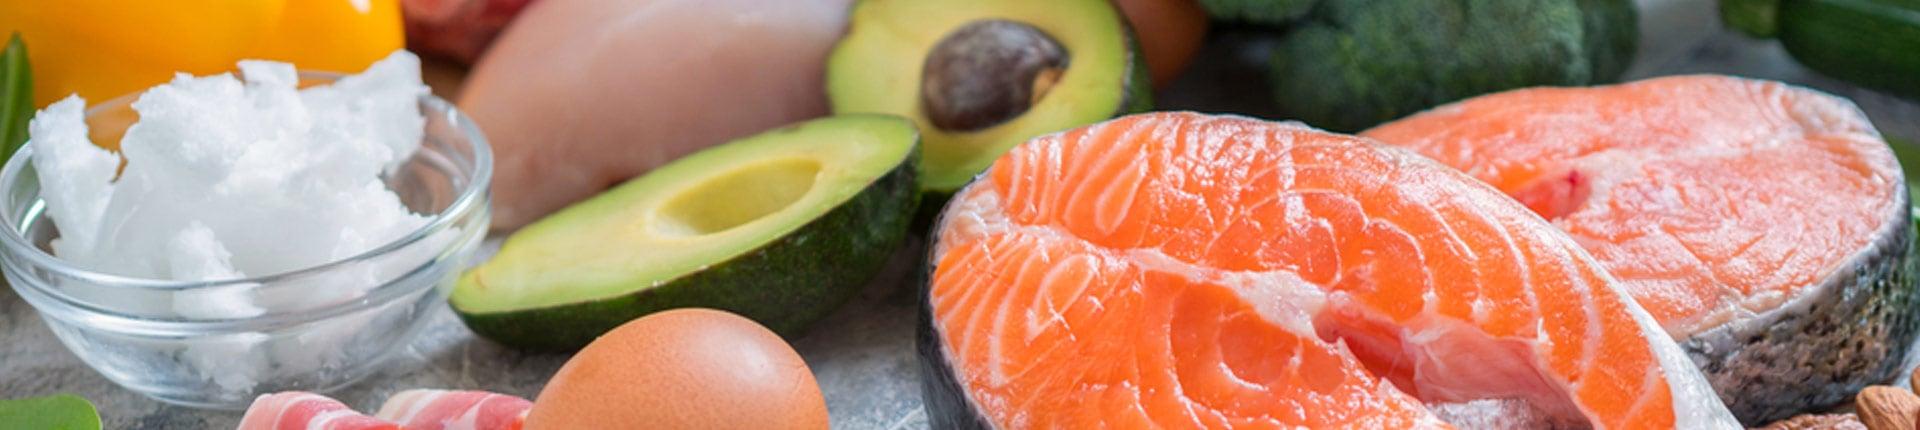 Białko i tłuszcze w diecie, a wpływ na tycie i odchudzanie